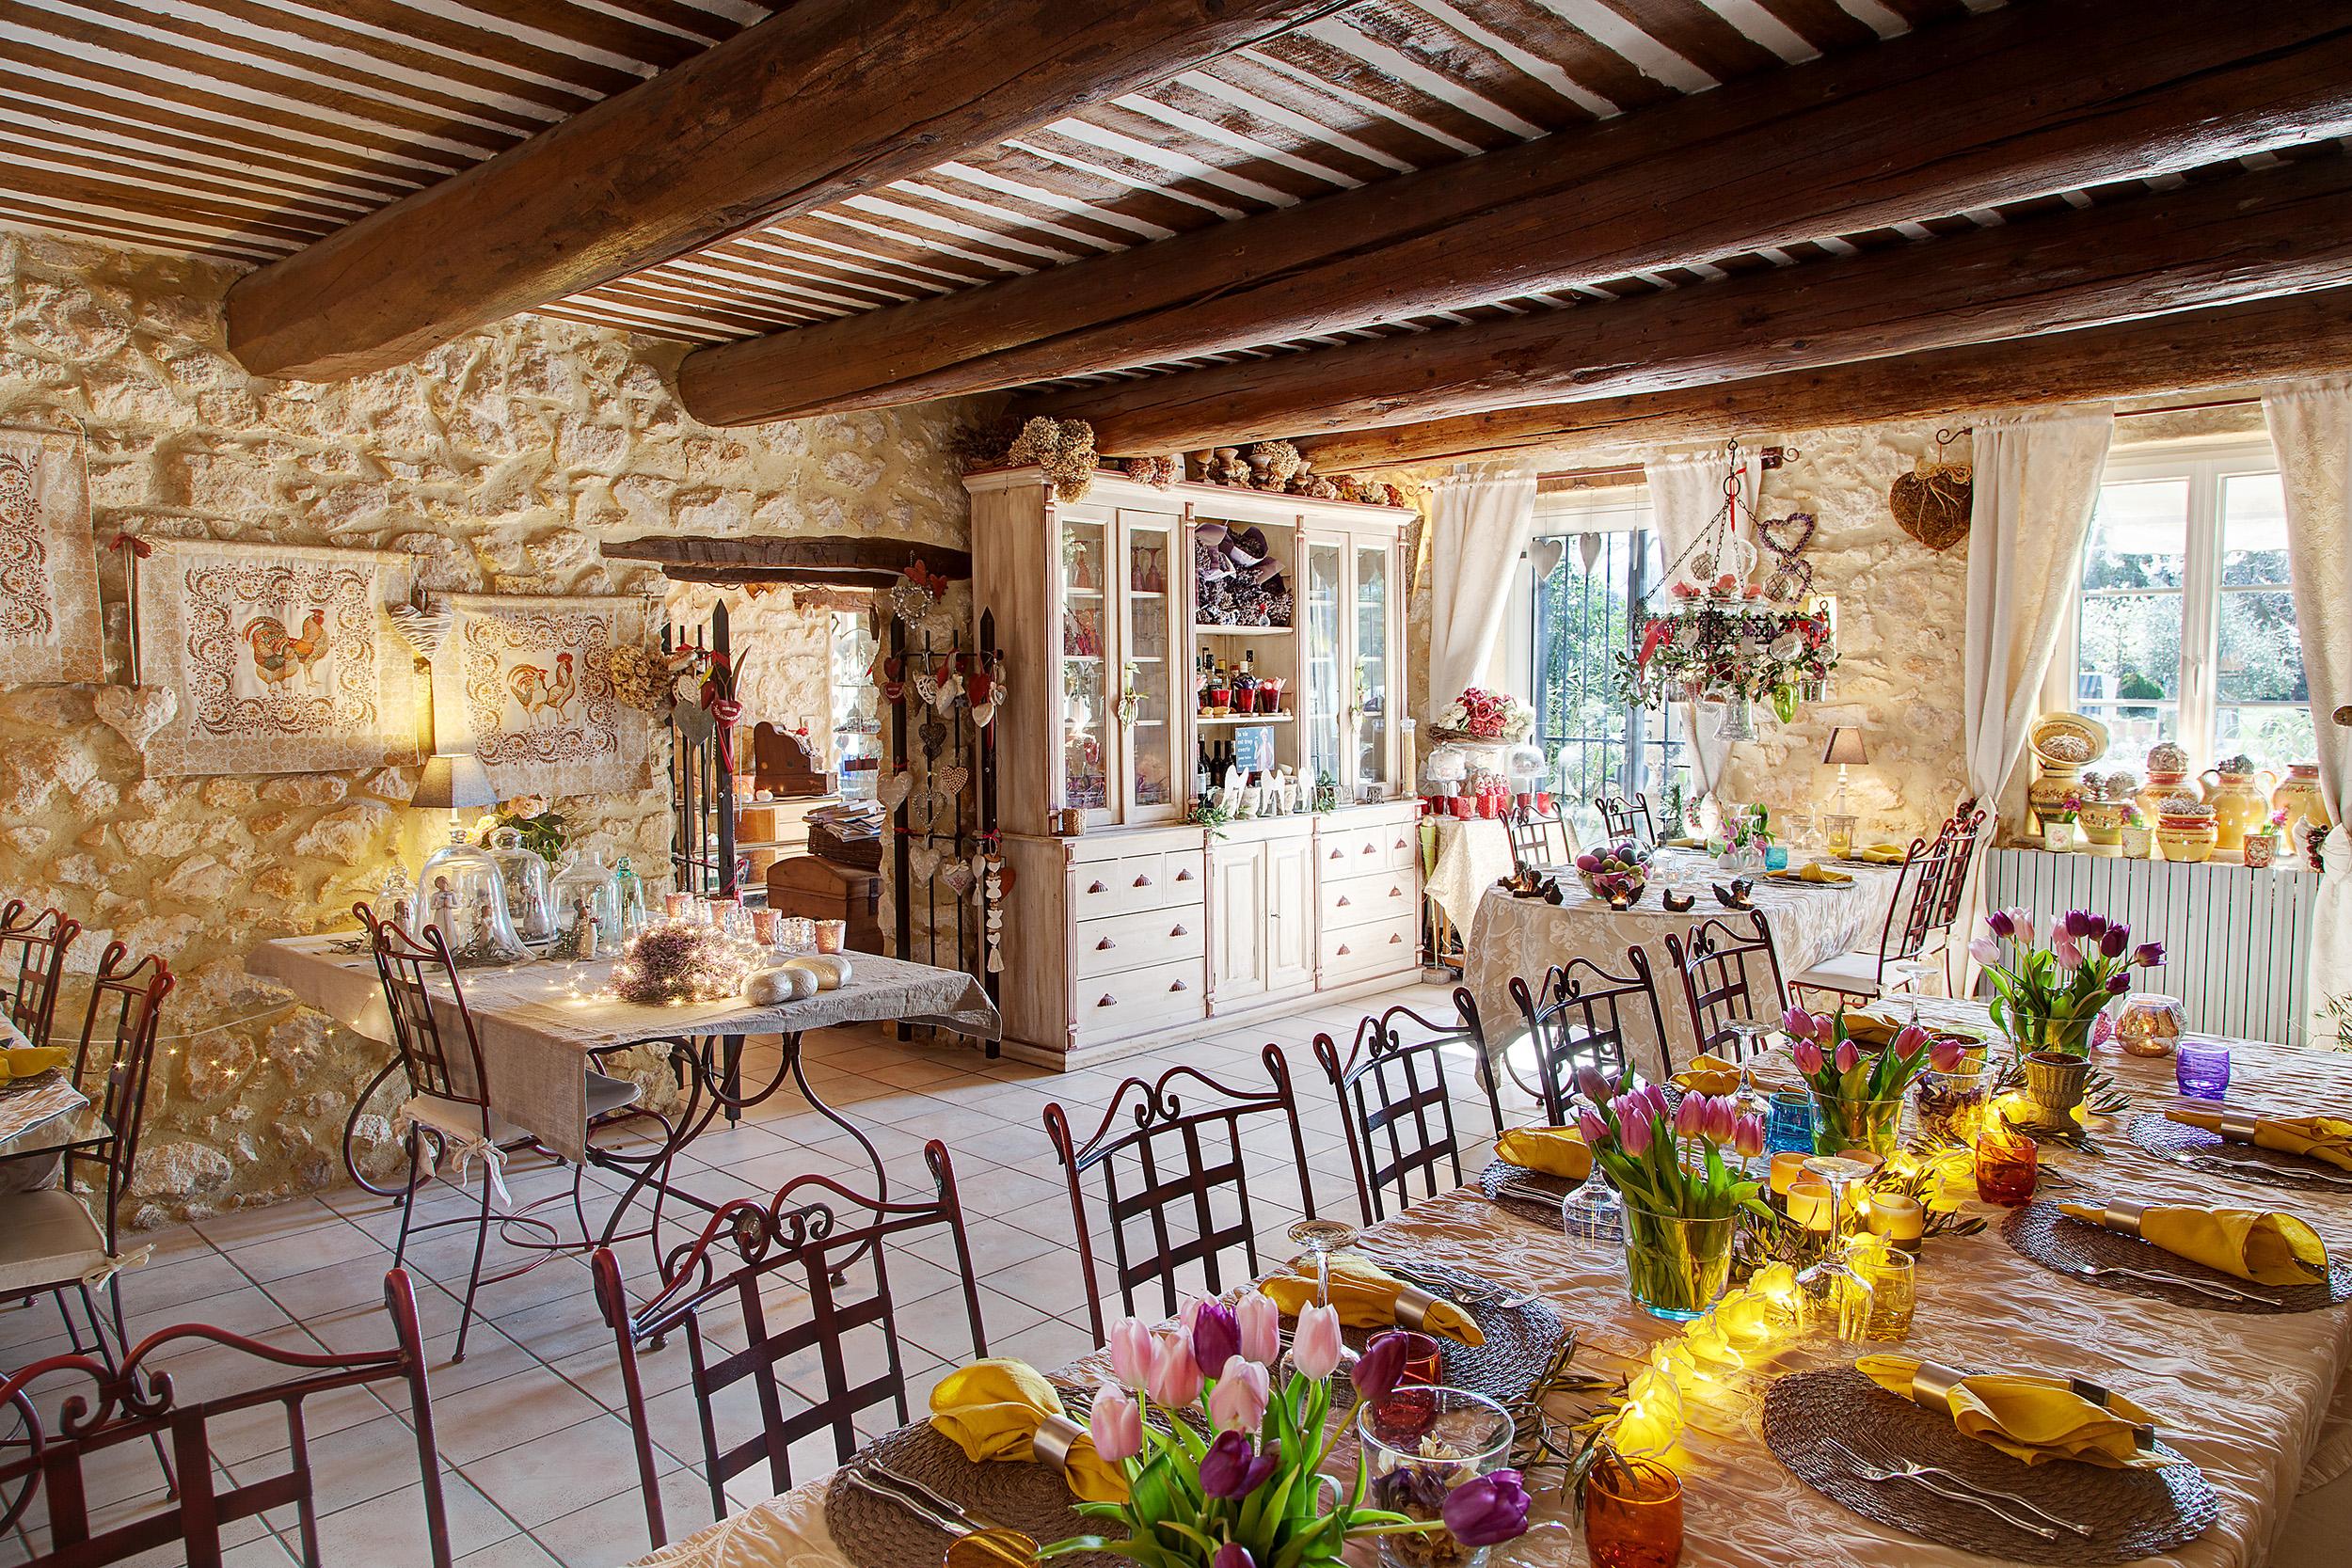 Chambre D'Hôtes Provence, Séjour Roulotte - Le Mas Du tout Chambre D Hote Langogne